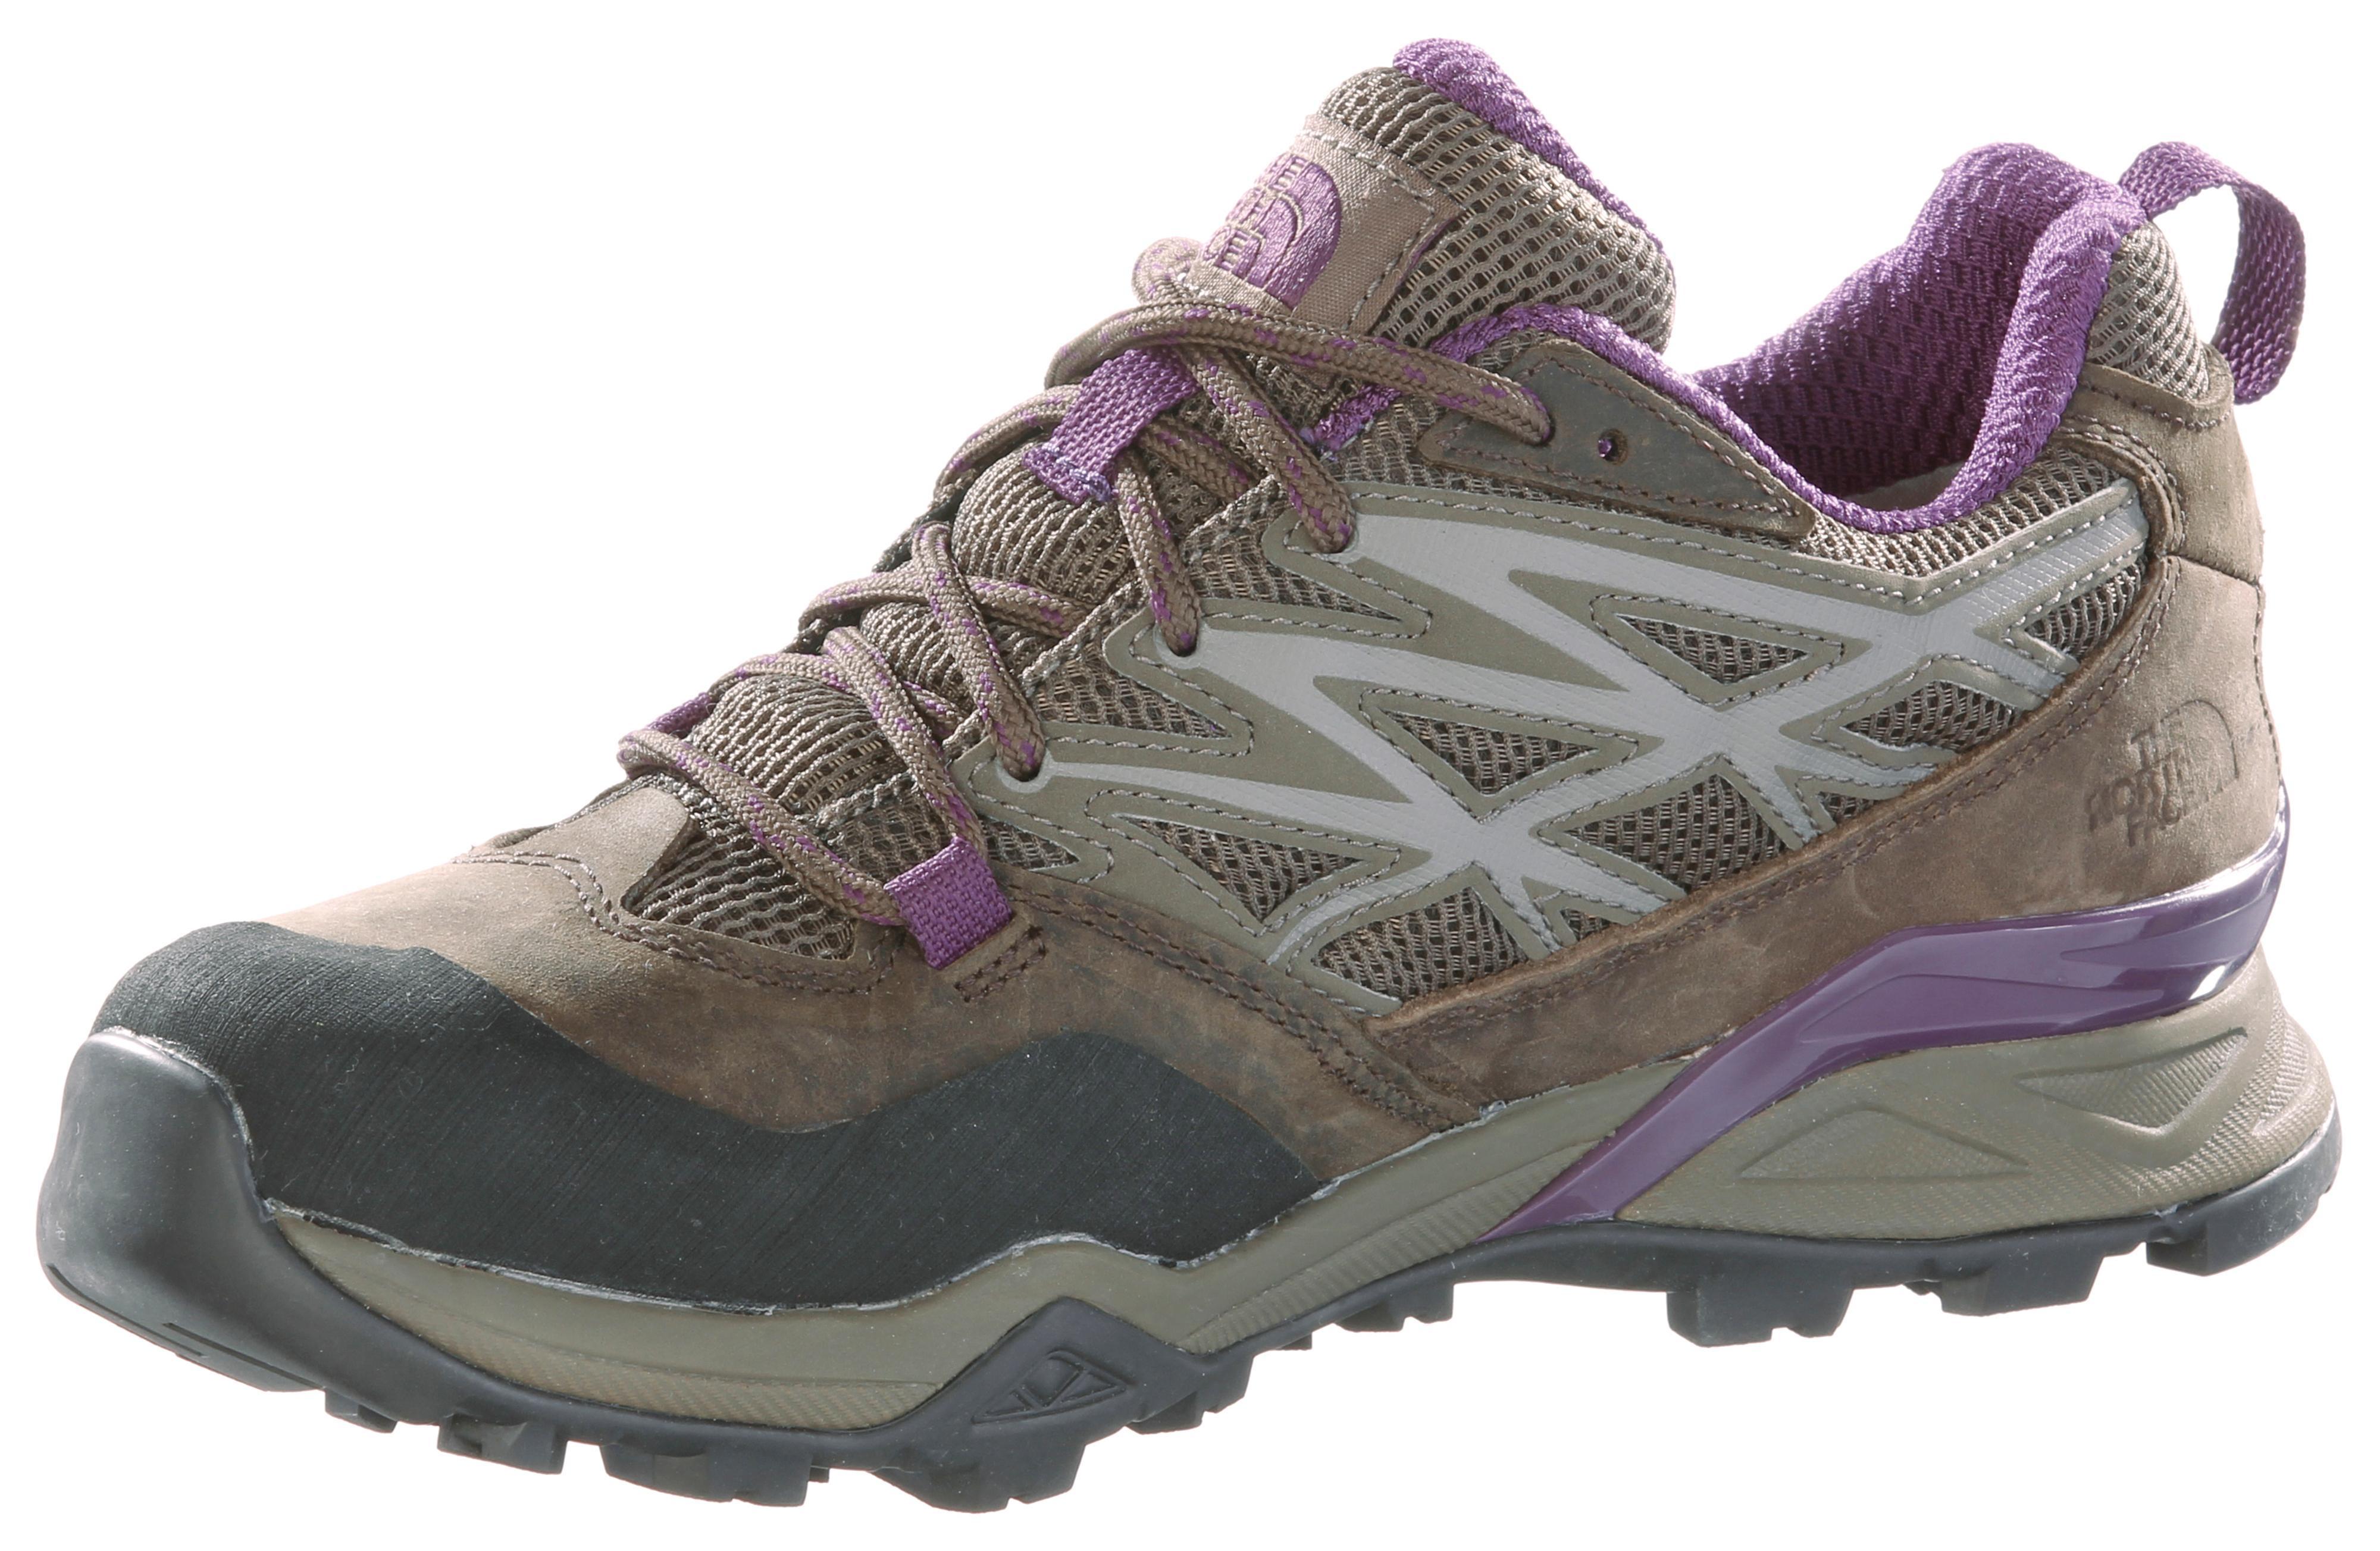 The North North North Face Hedgehog Hike GTX Woherren Wanderschuhe Damen braun lila im Online Shop von SportScheck kaufen Gute Qualität beliebte Schuhe 31bbad